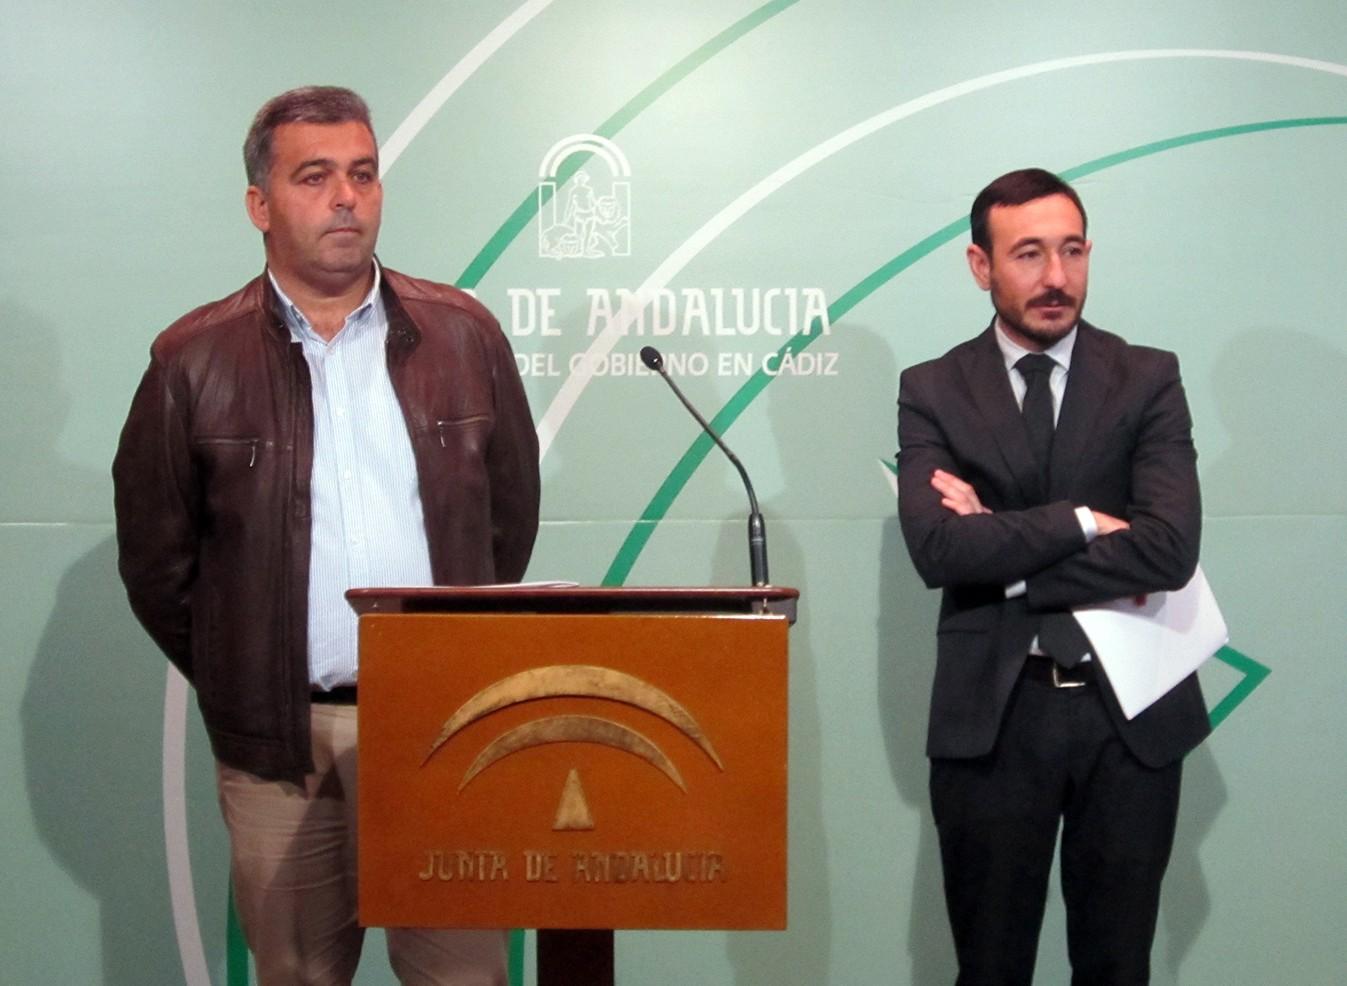 En la foto, los delegados del Gobierno y de Fomento en Cádiz.